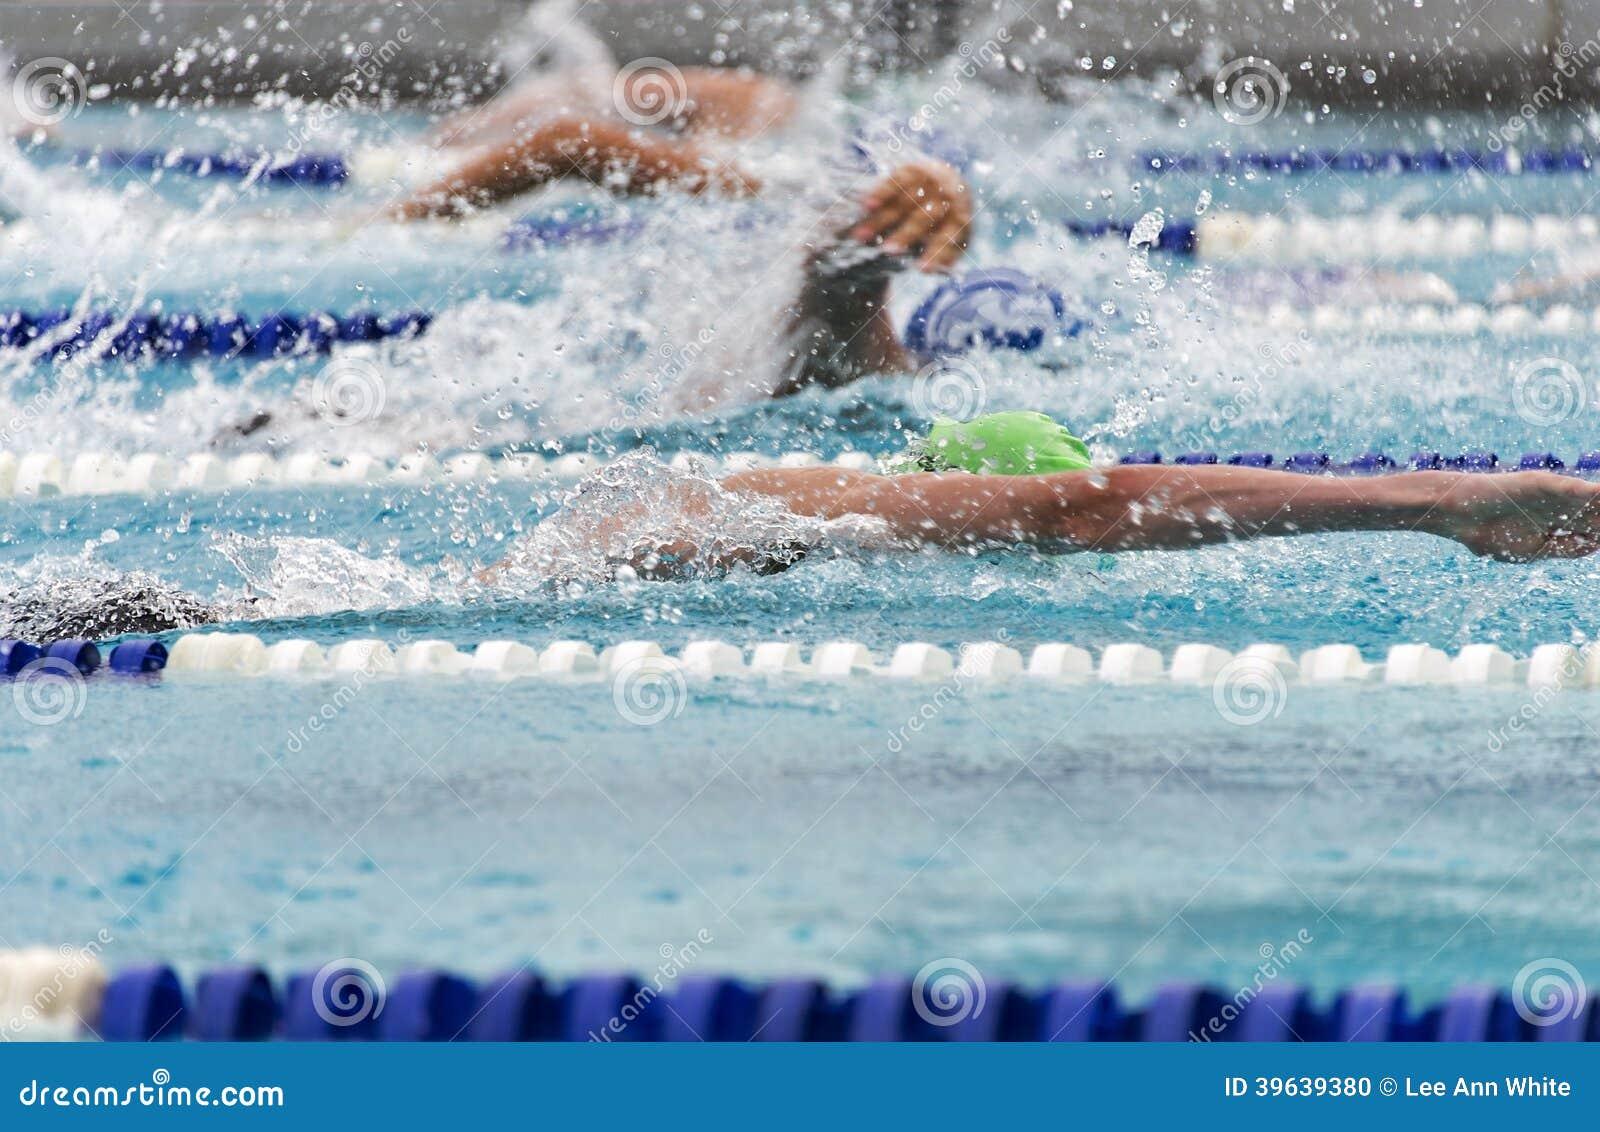 一次势均力敌的比赛的男性自由式游泳者图片